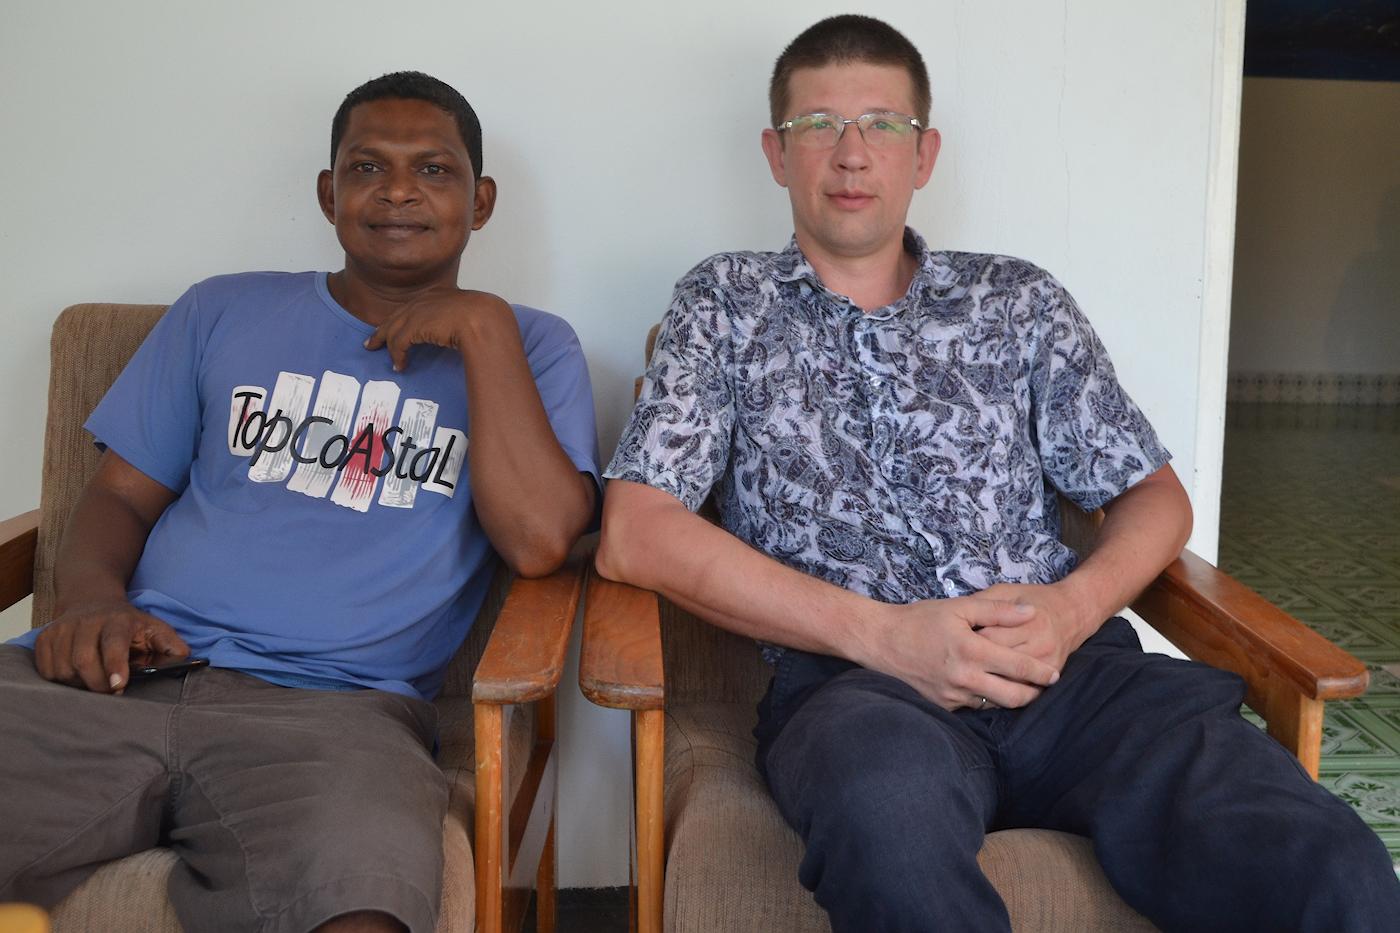 Фотография 3. Мой муж и Ибрагим, хозяин отеля «Alimas Inn» на острове Тодду. Как мы добирались из Омска на Мальдивы через Астану, Дели и Шри-Ланку. 1/25, 5.0, 400, 25.